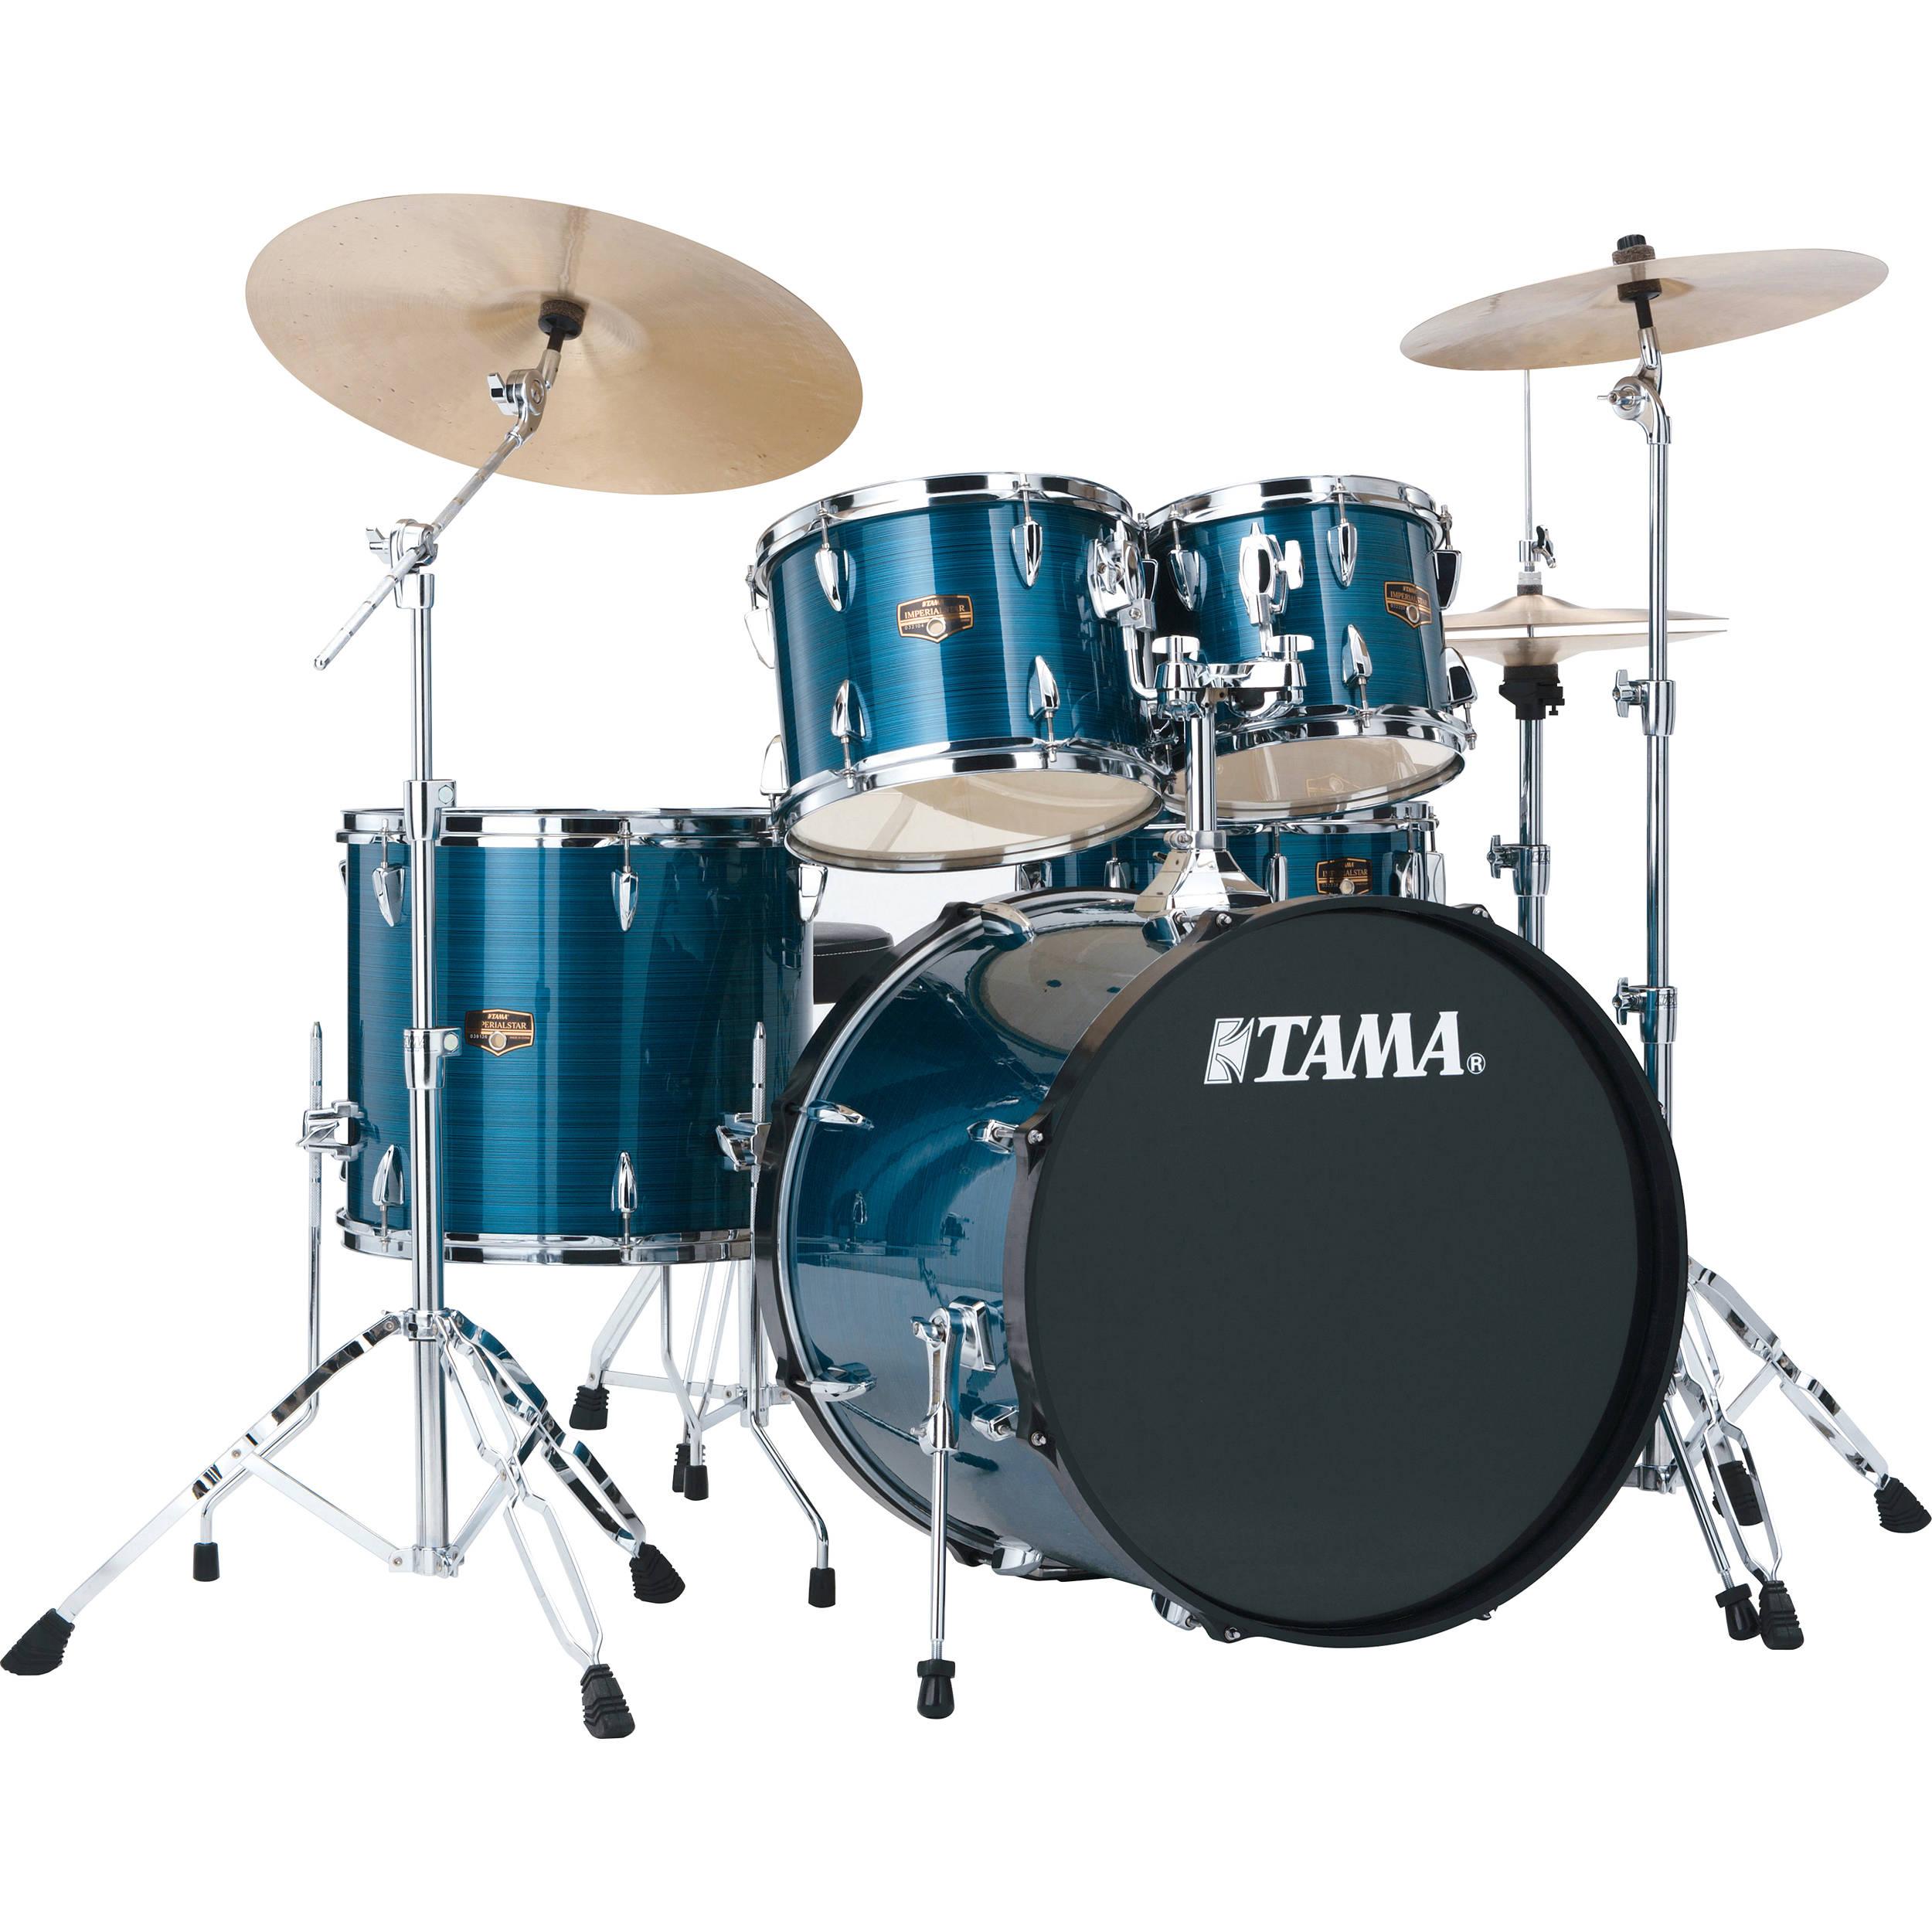 Tama Imperial Star Drumset : tama ip52kchlb imperialstar 5 piece drum set ip52kchlb b h photo ~ Vivirlamusica.com Haus und Dekorationen